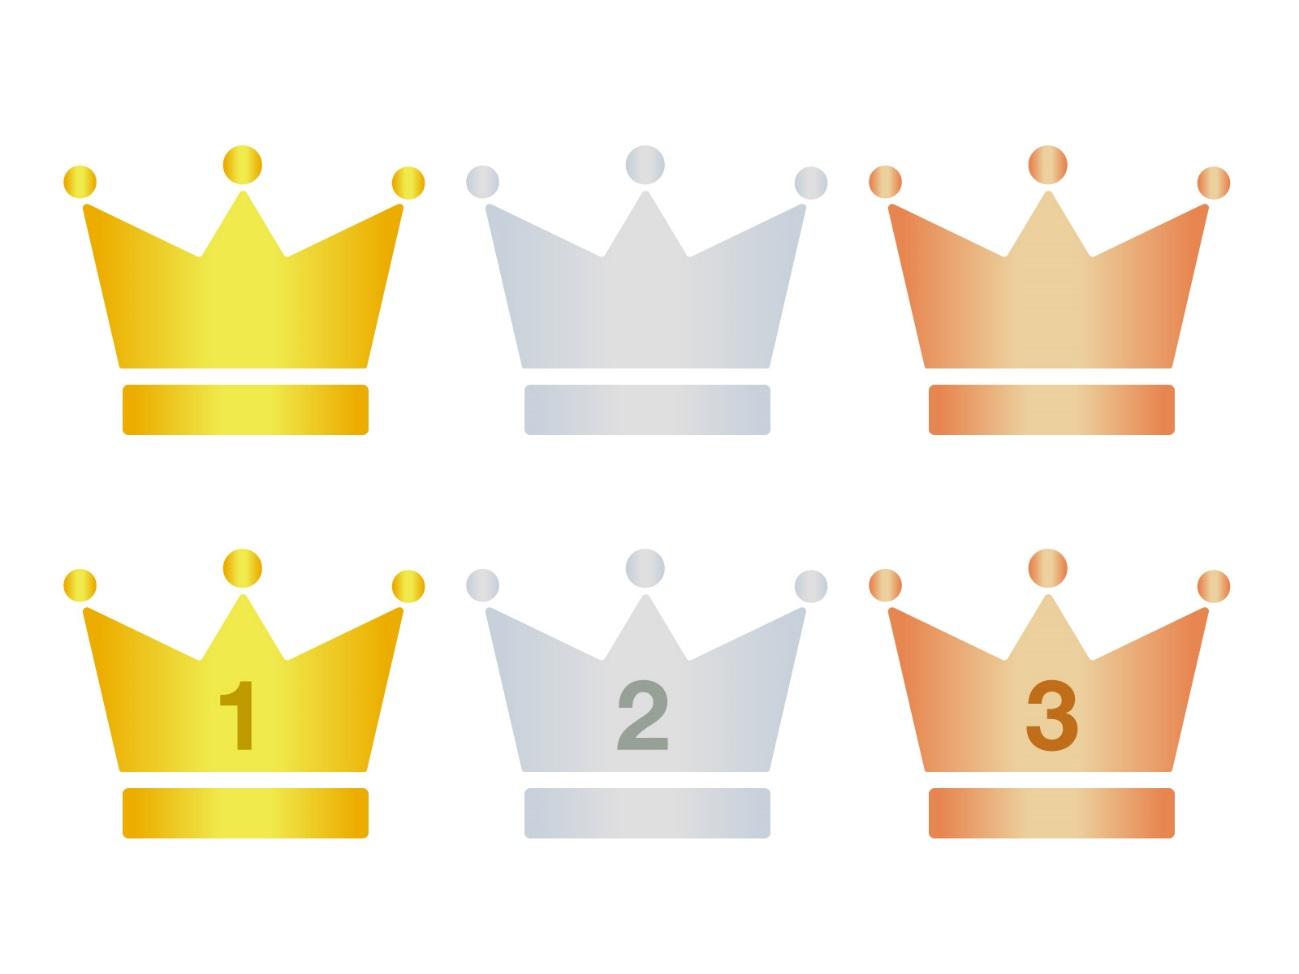 人気記事は何?2015年アクセス数トップ10ランキング発表